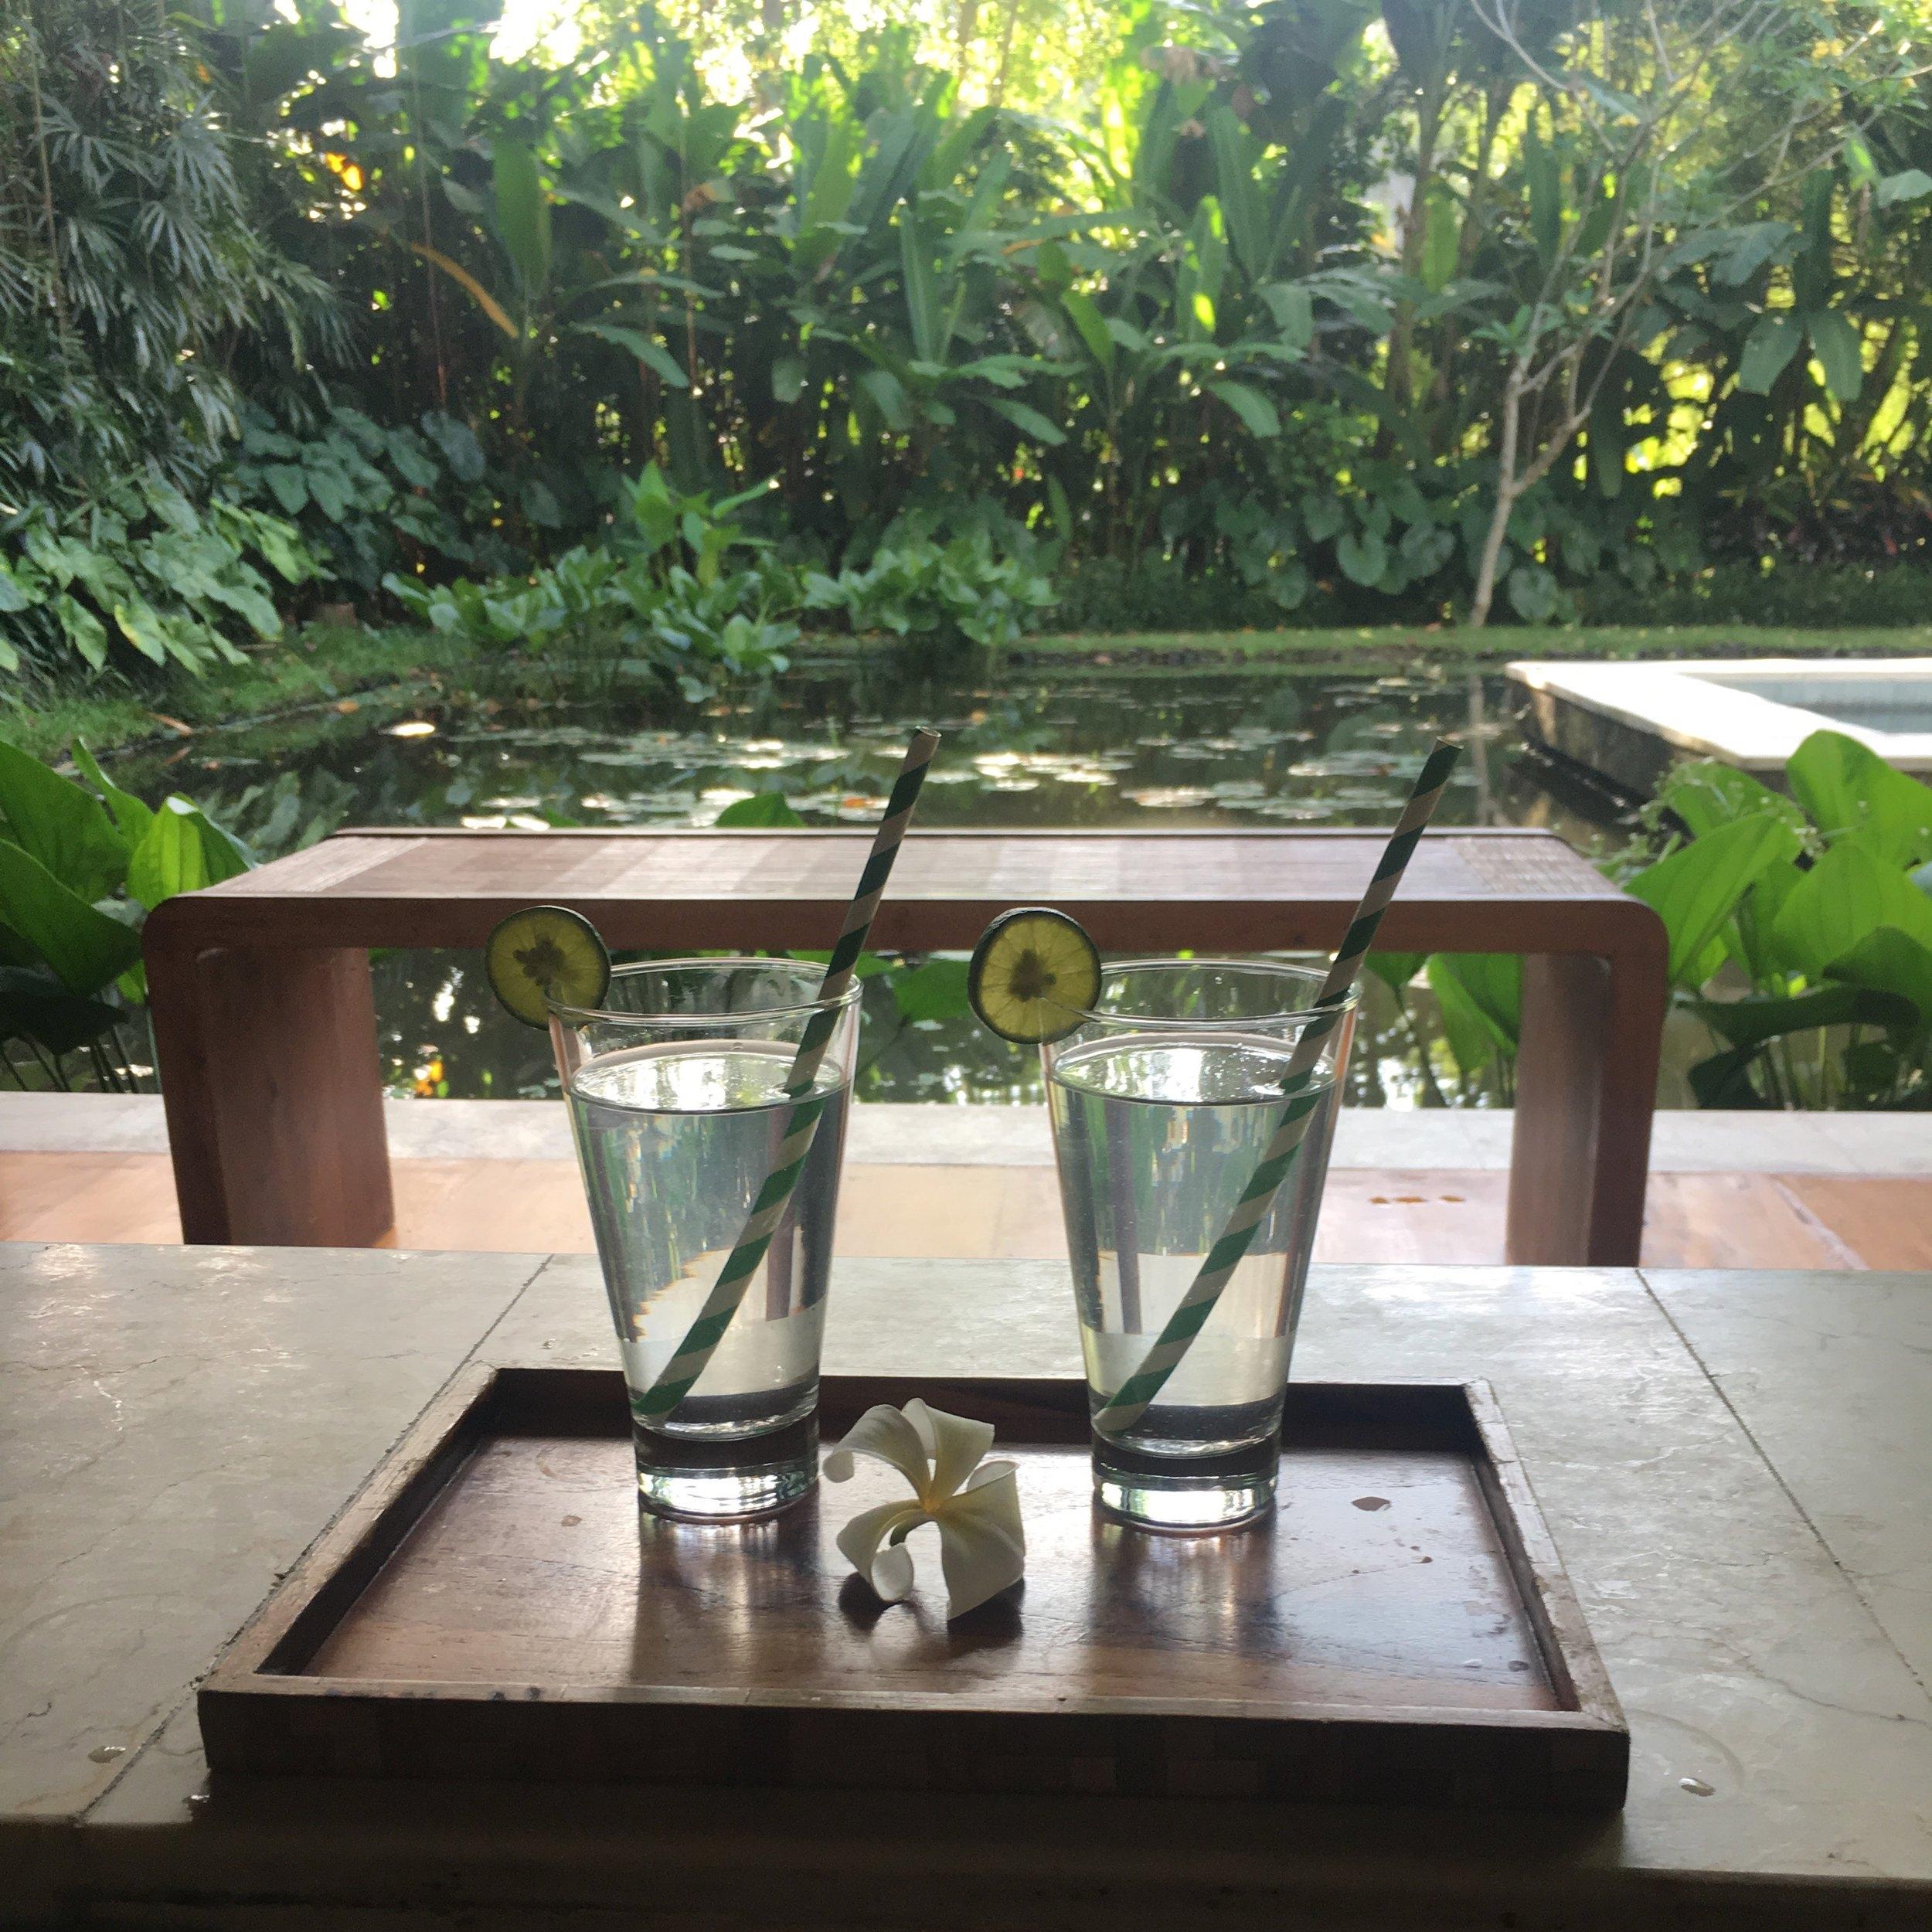 Fresh coconut water, which tastes divine.